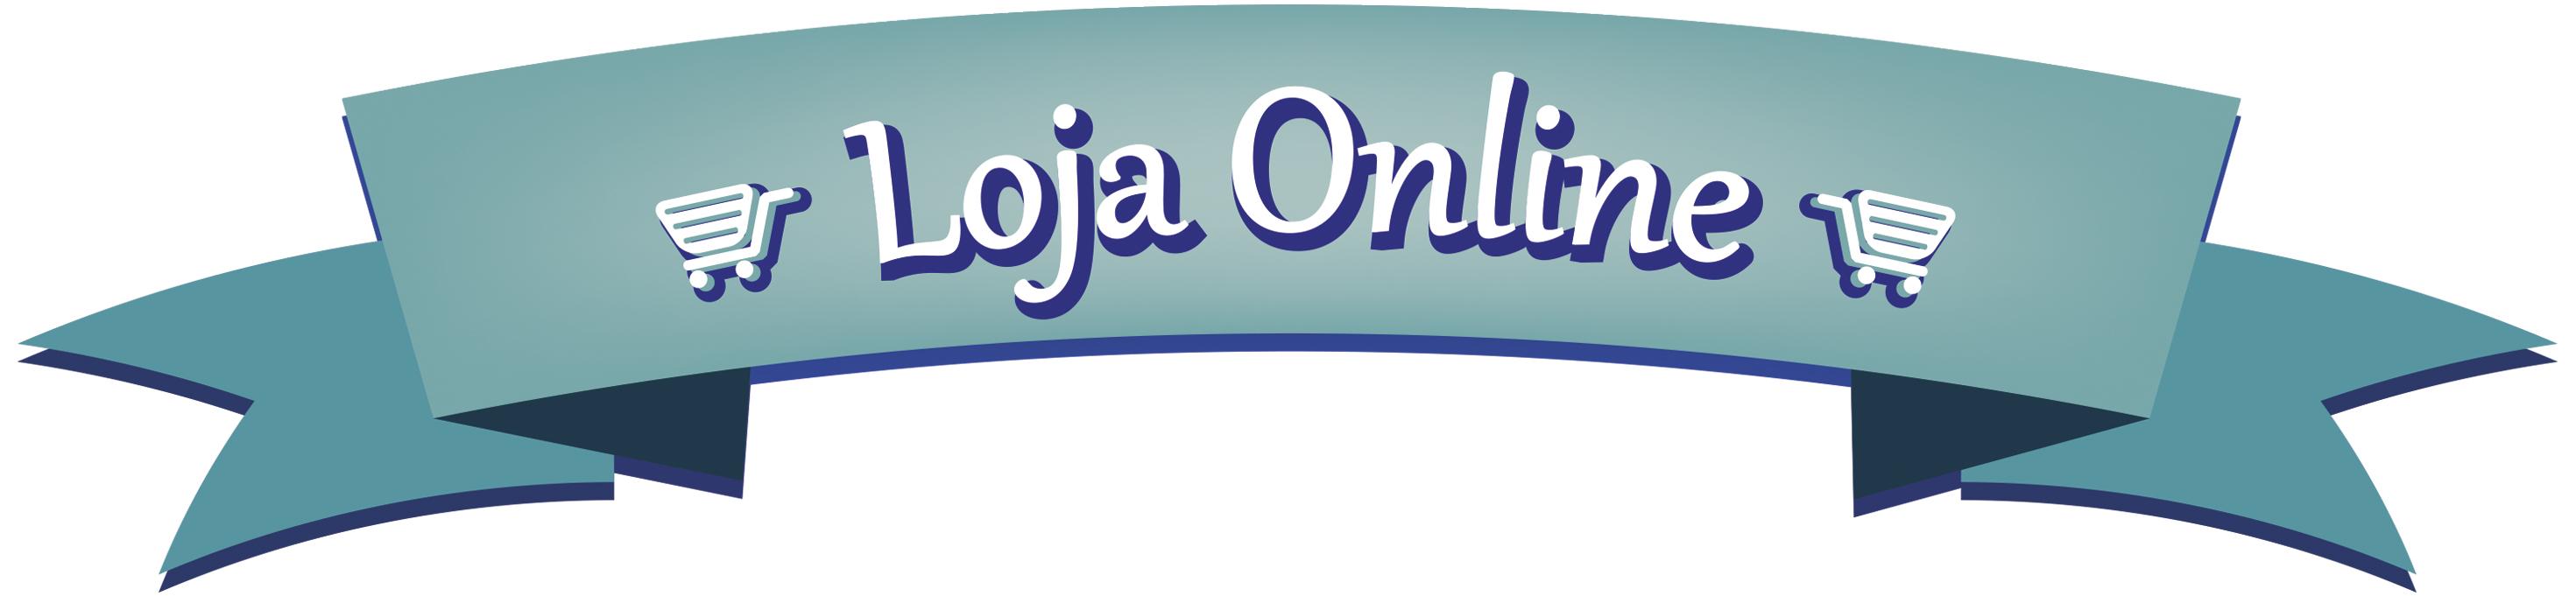 Resultado de imagem para loja online